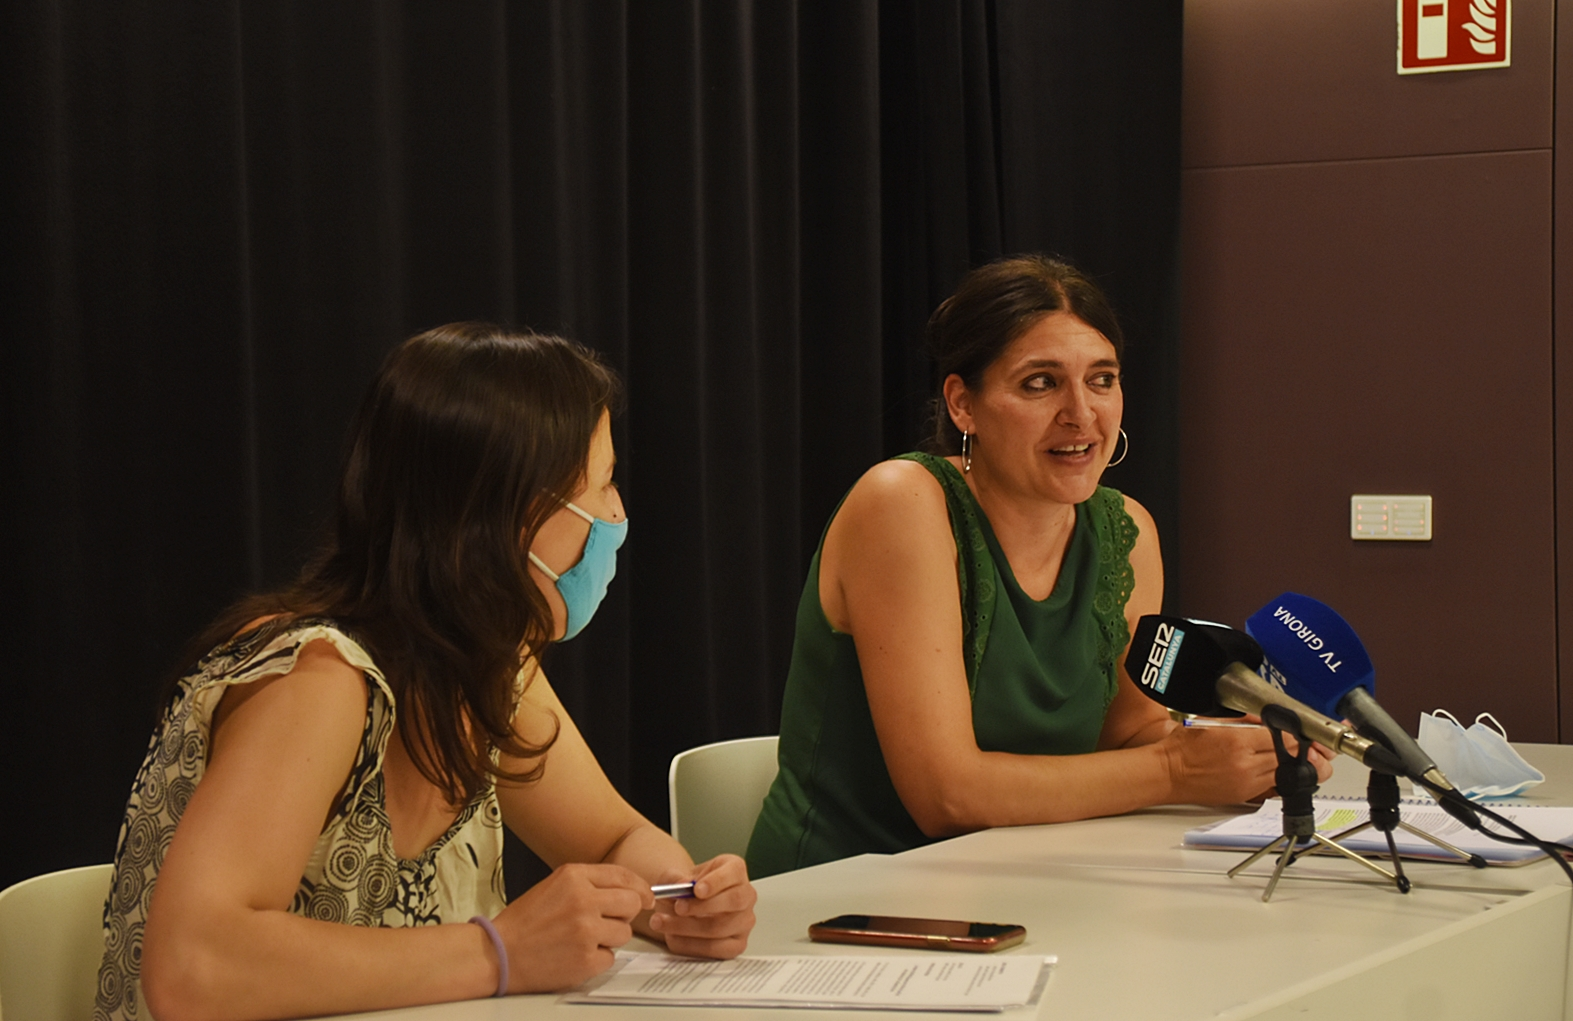 La regidora de Salt Marta Guillaumes pren el relleu de la Laia Pèlach com a diputada de la CUP a la Diputació de Girona